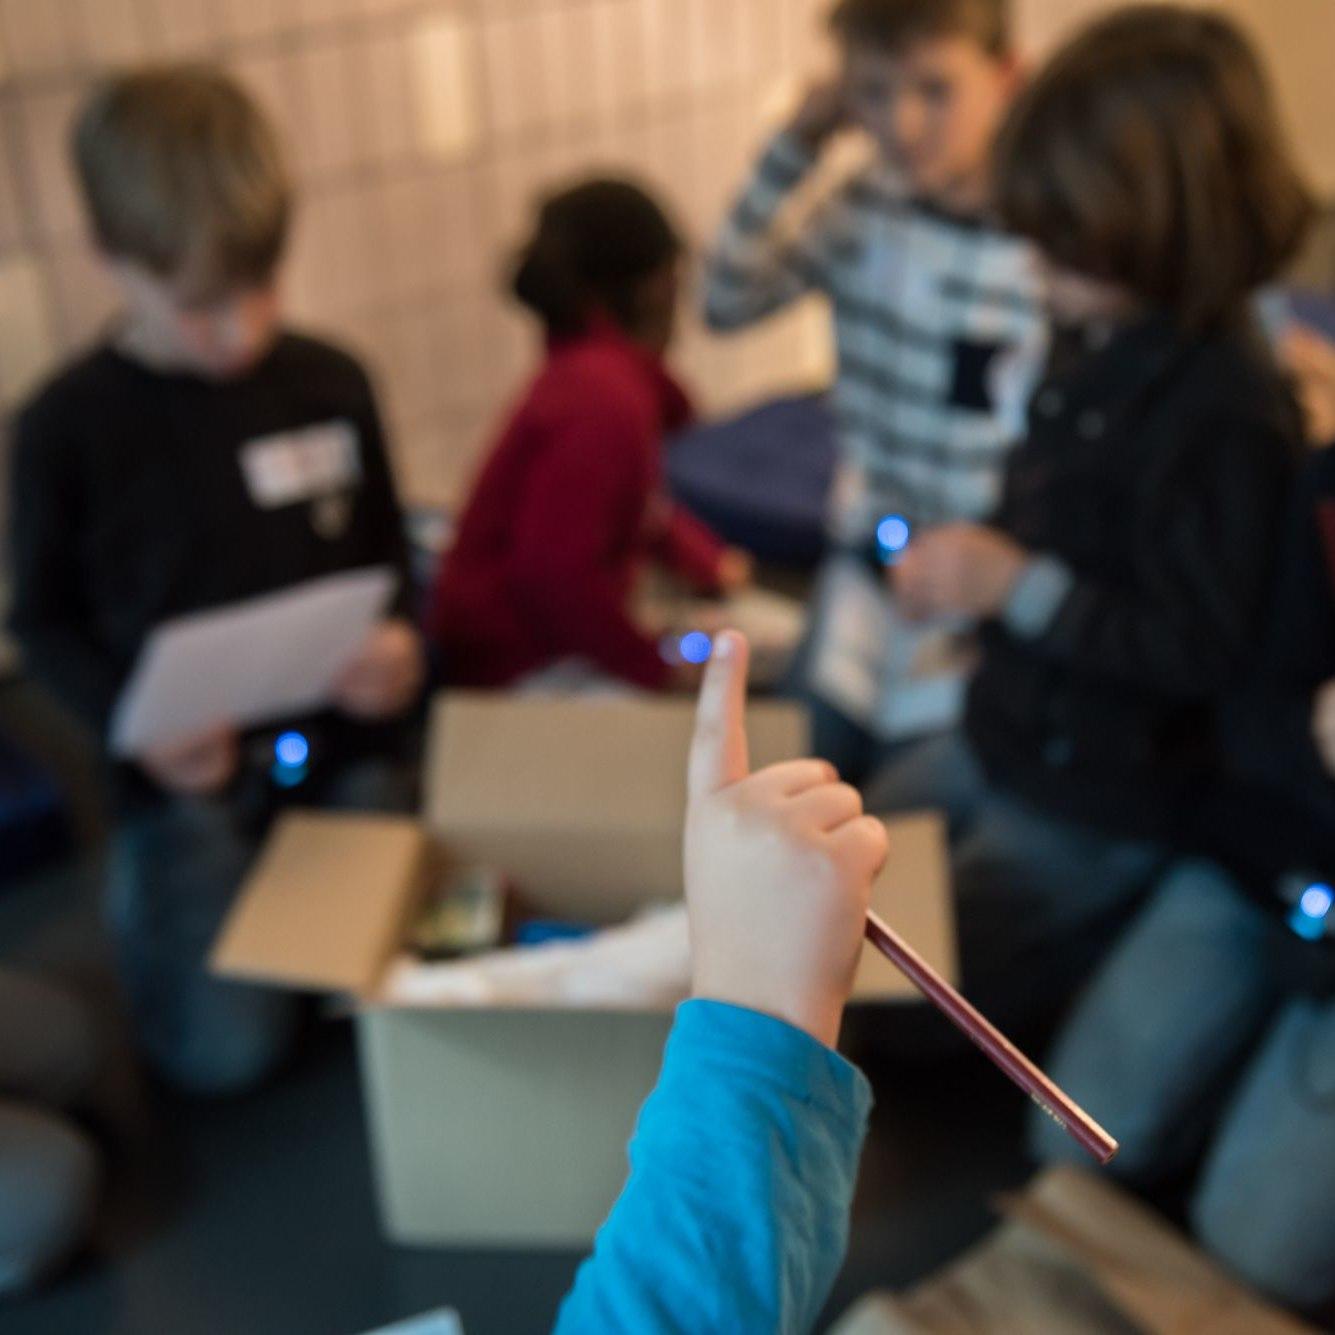 Im Hintergrund knieen Kinder vor einem geöffneten Paket, im Vordergrund eine Hand mit Stift und ausgestrecktem Zeigefinger